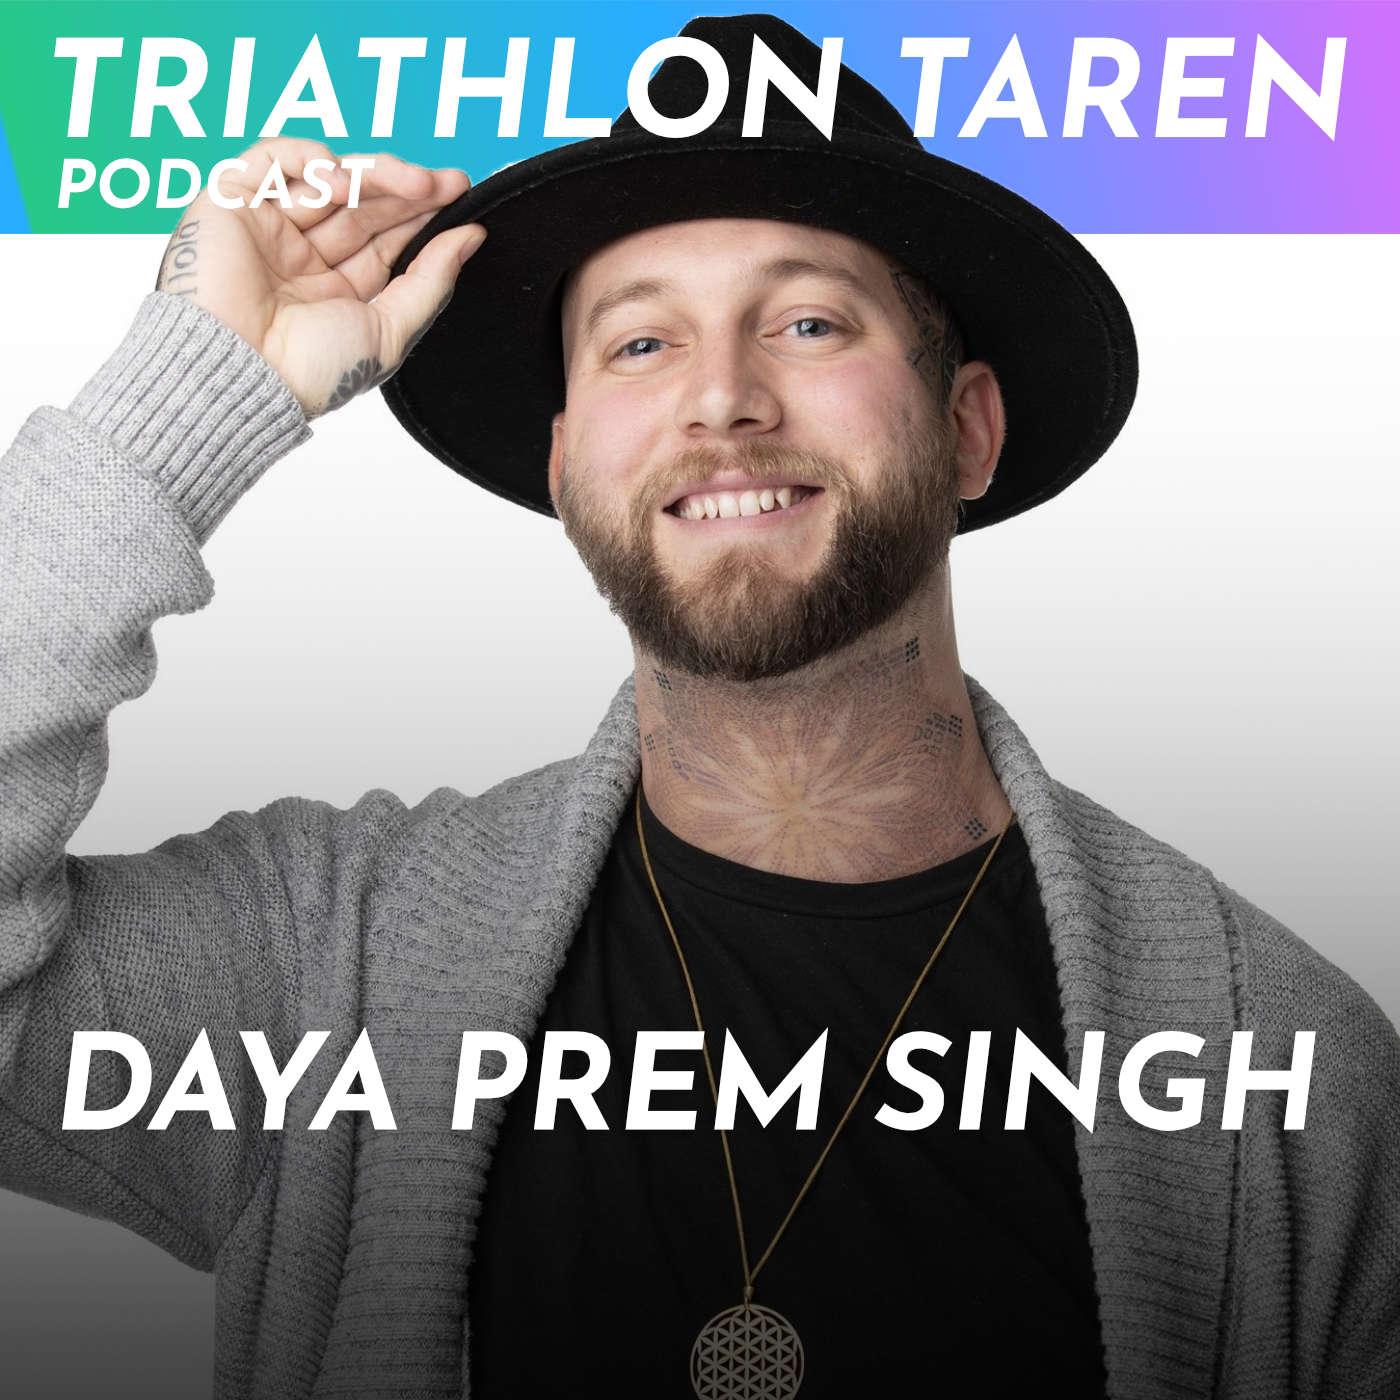 Psychedelics for Mental Health 101 with Daya Prem Singh